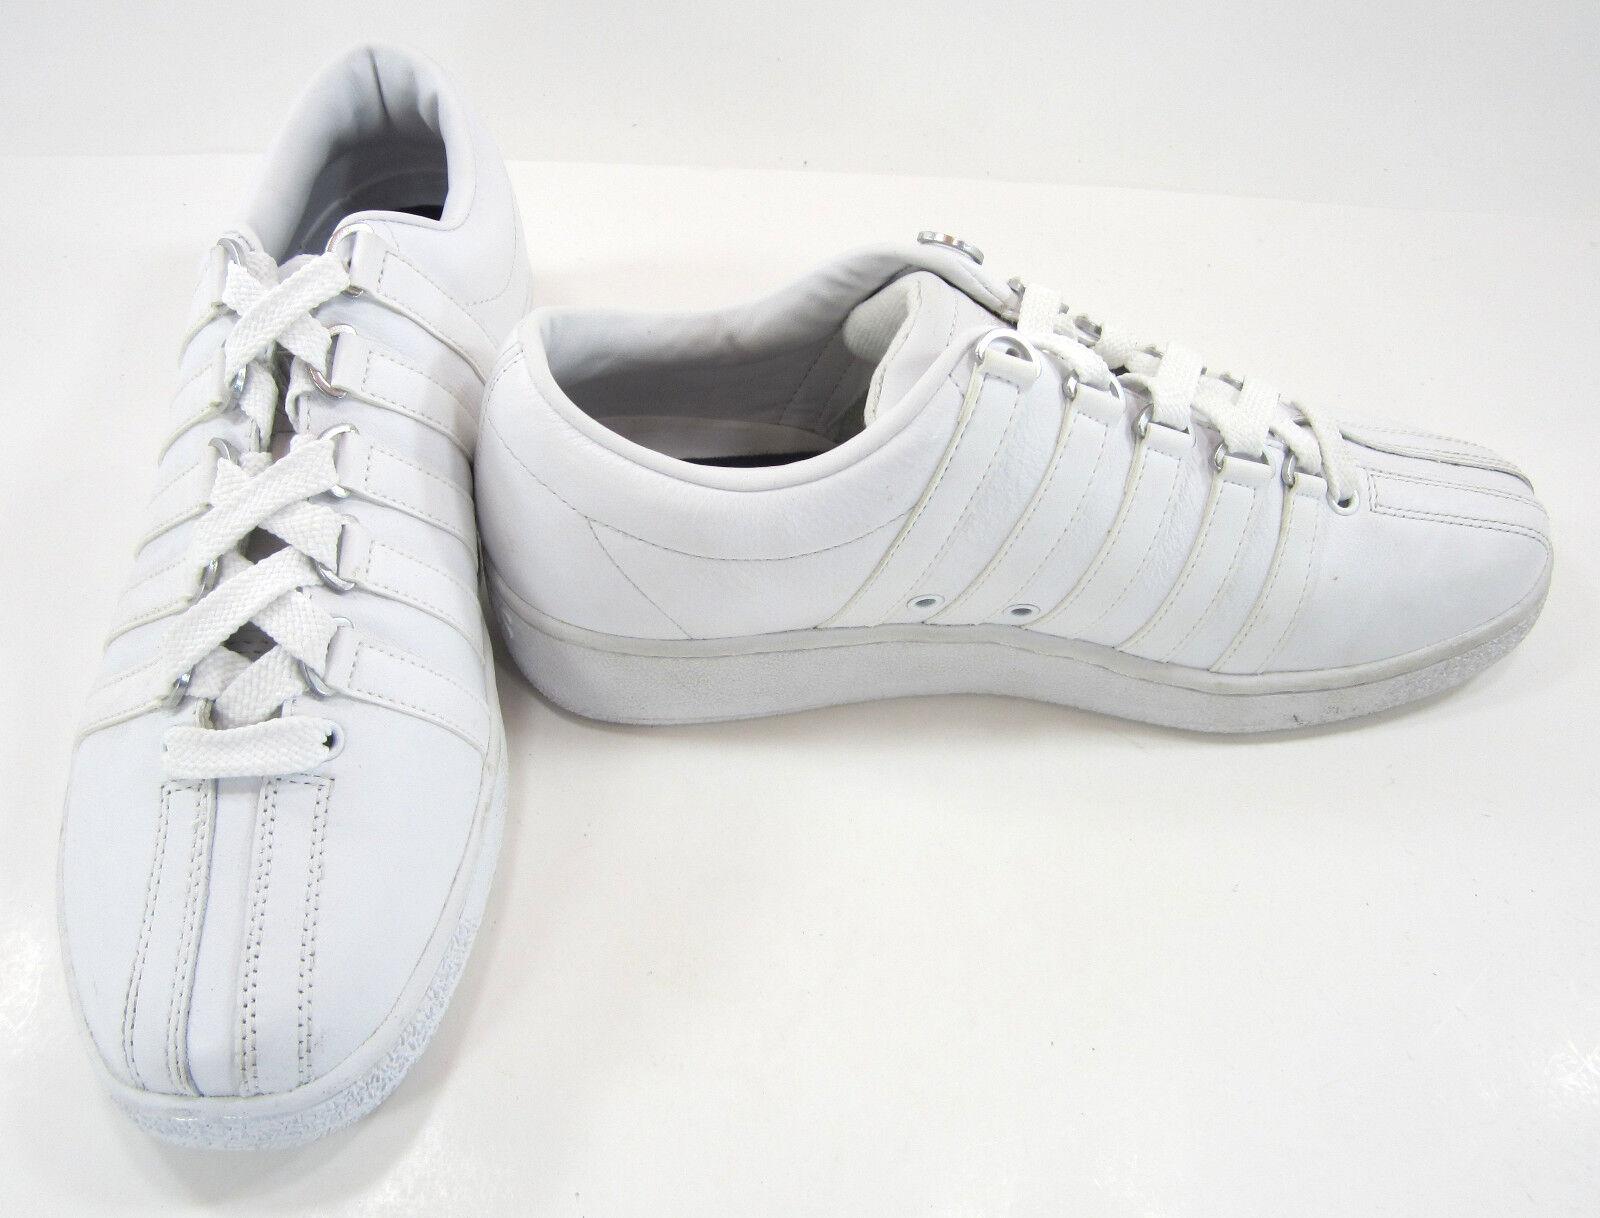 K-Swiss Shoes Classic Varsity Striped White Sneakers Size 9.5 Scarpe classiche da uomo